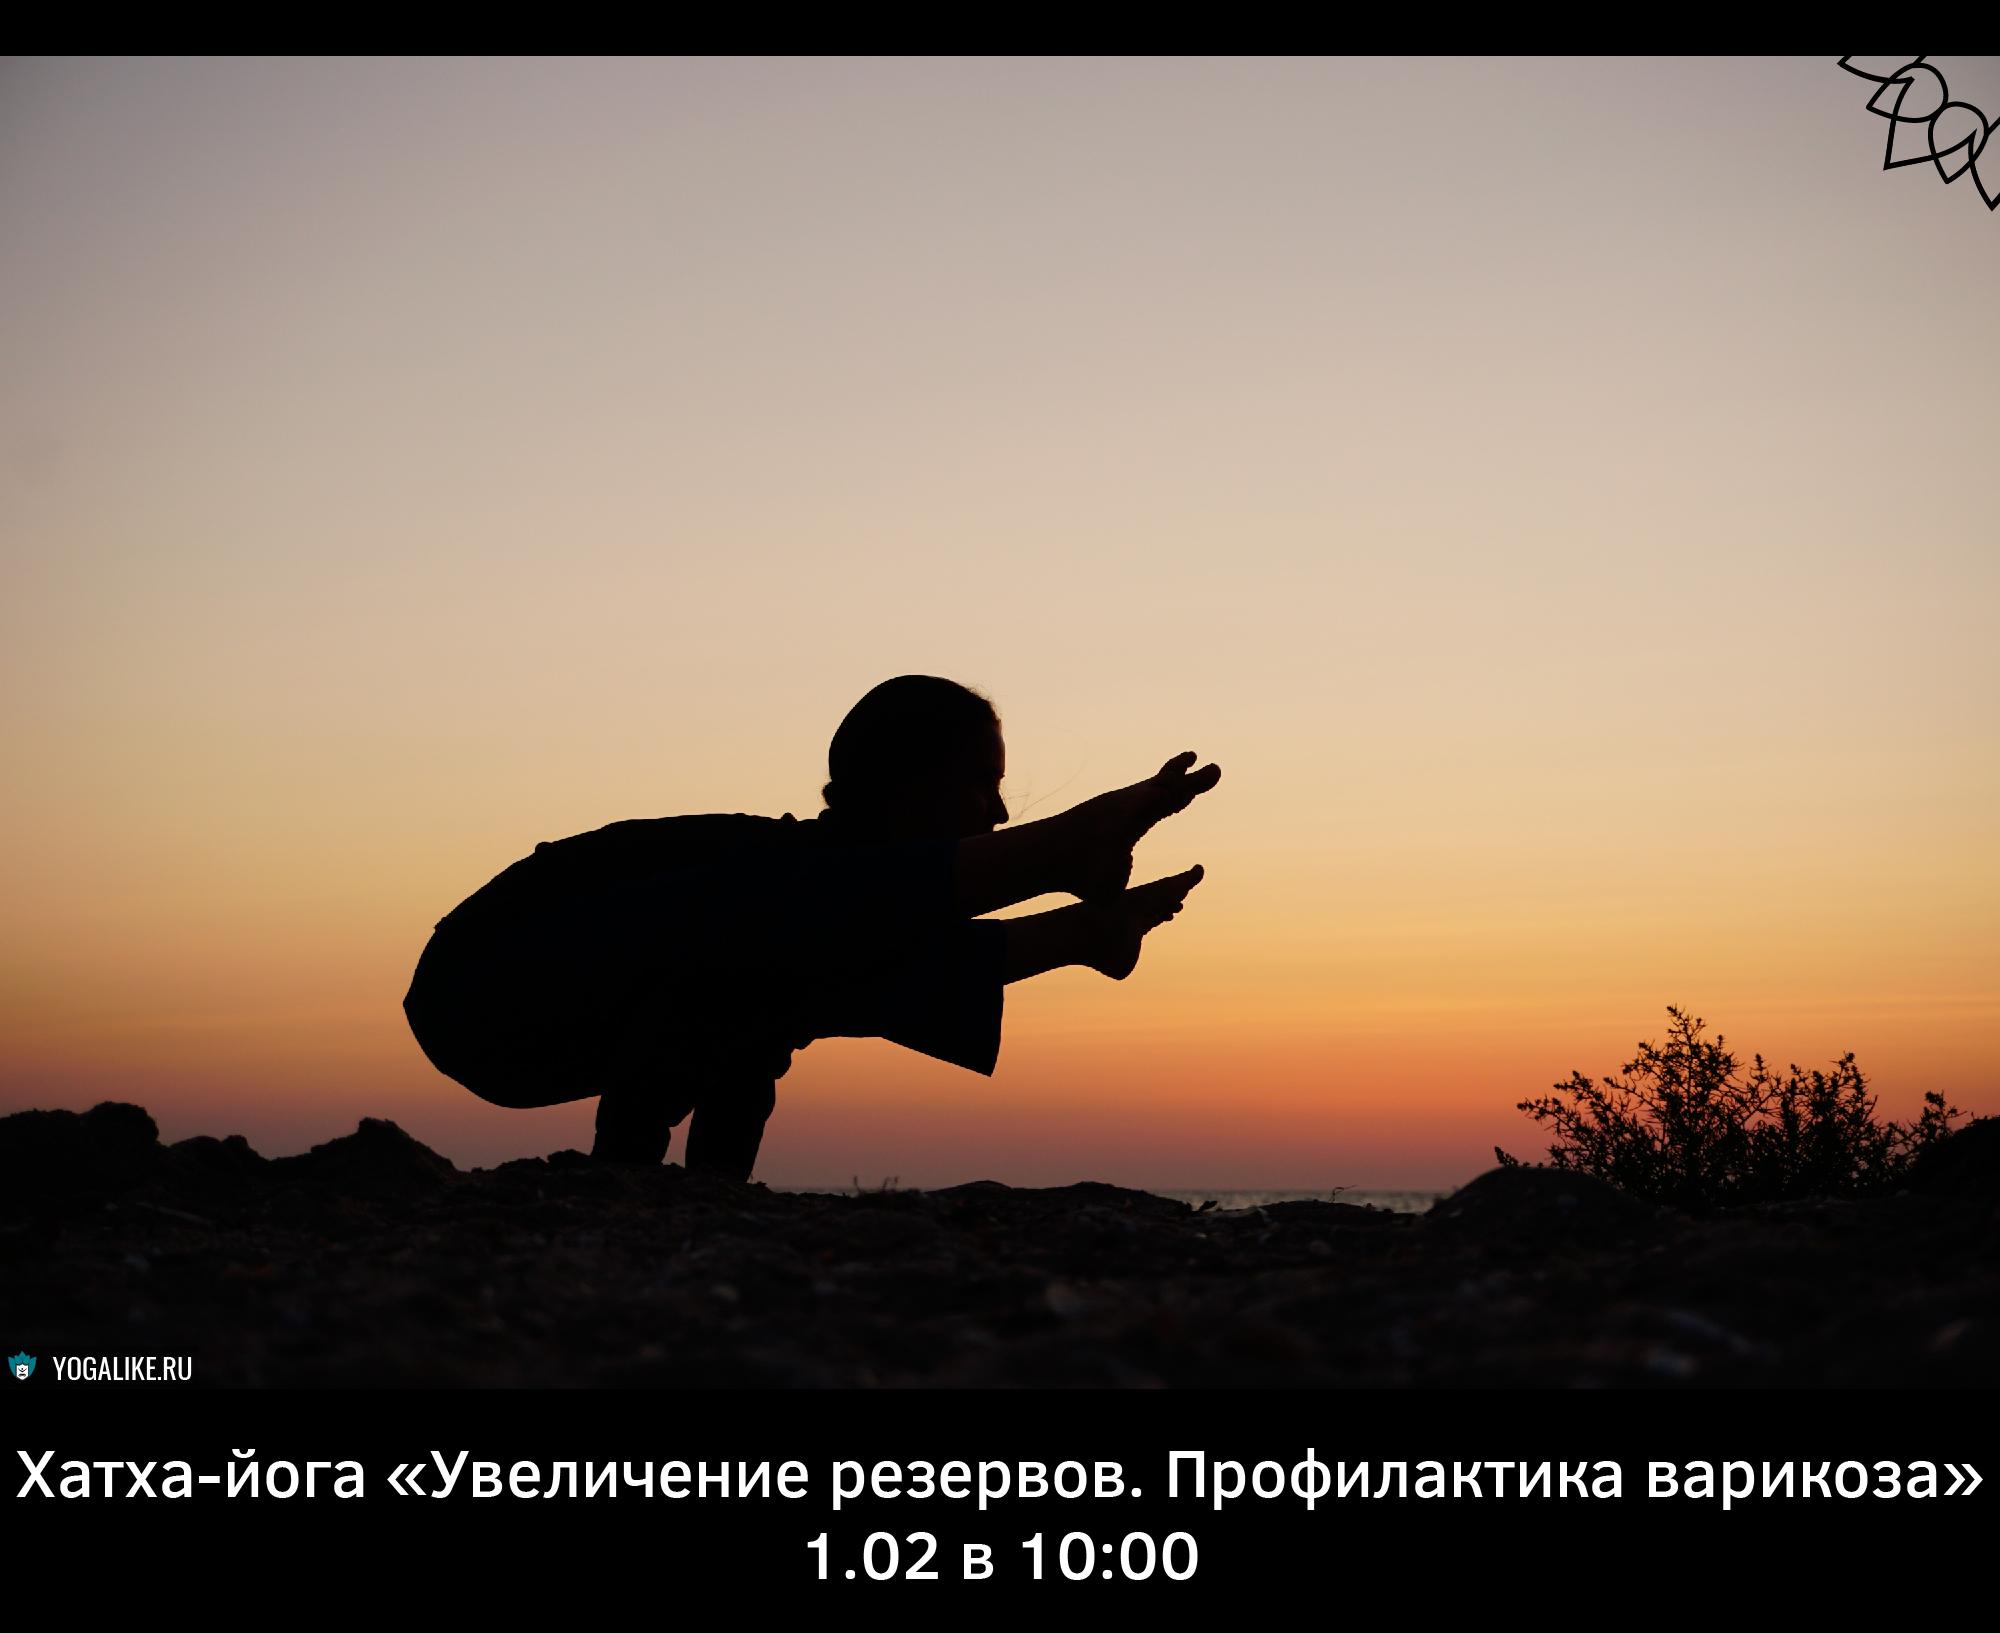 йога профилактика варикоза в Павшинской Пойме, Красногорск